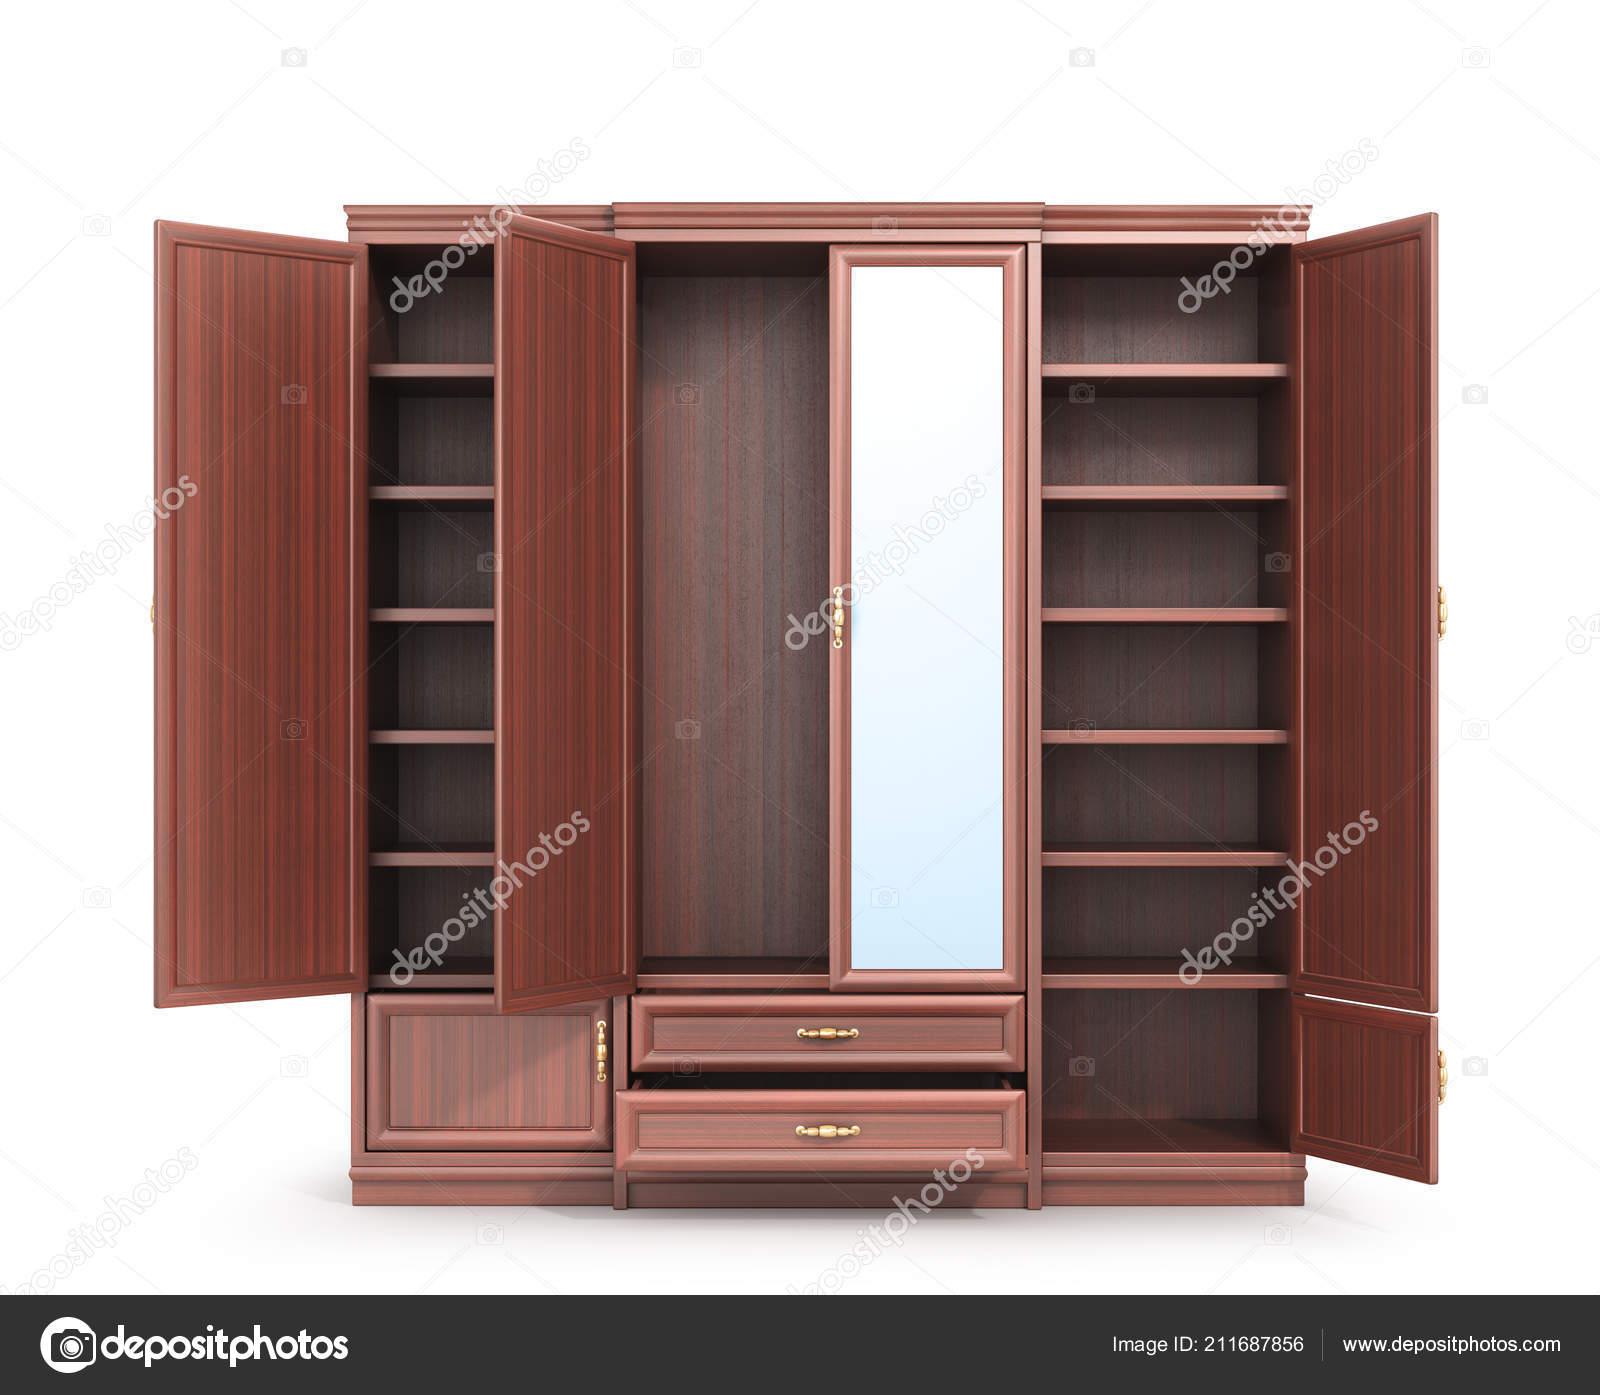 Garderobe Offener Schrank Mit Dingen Illustration Stockfoto